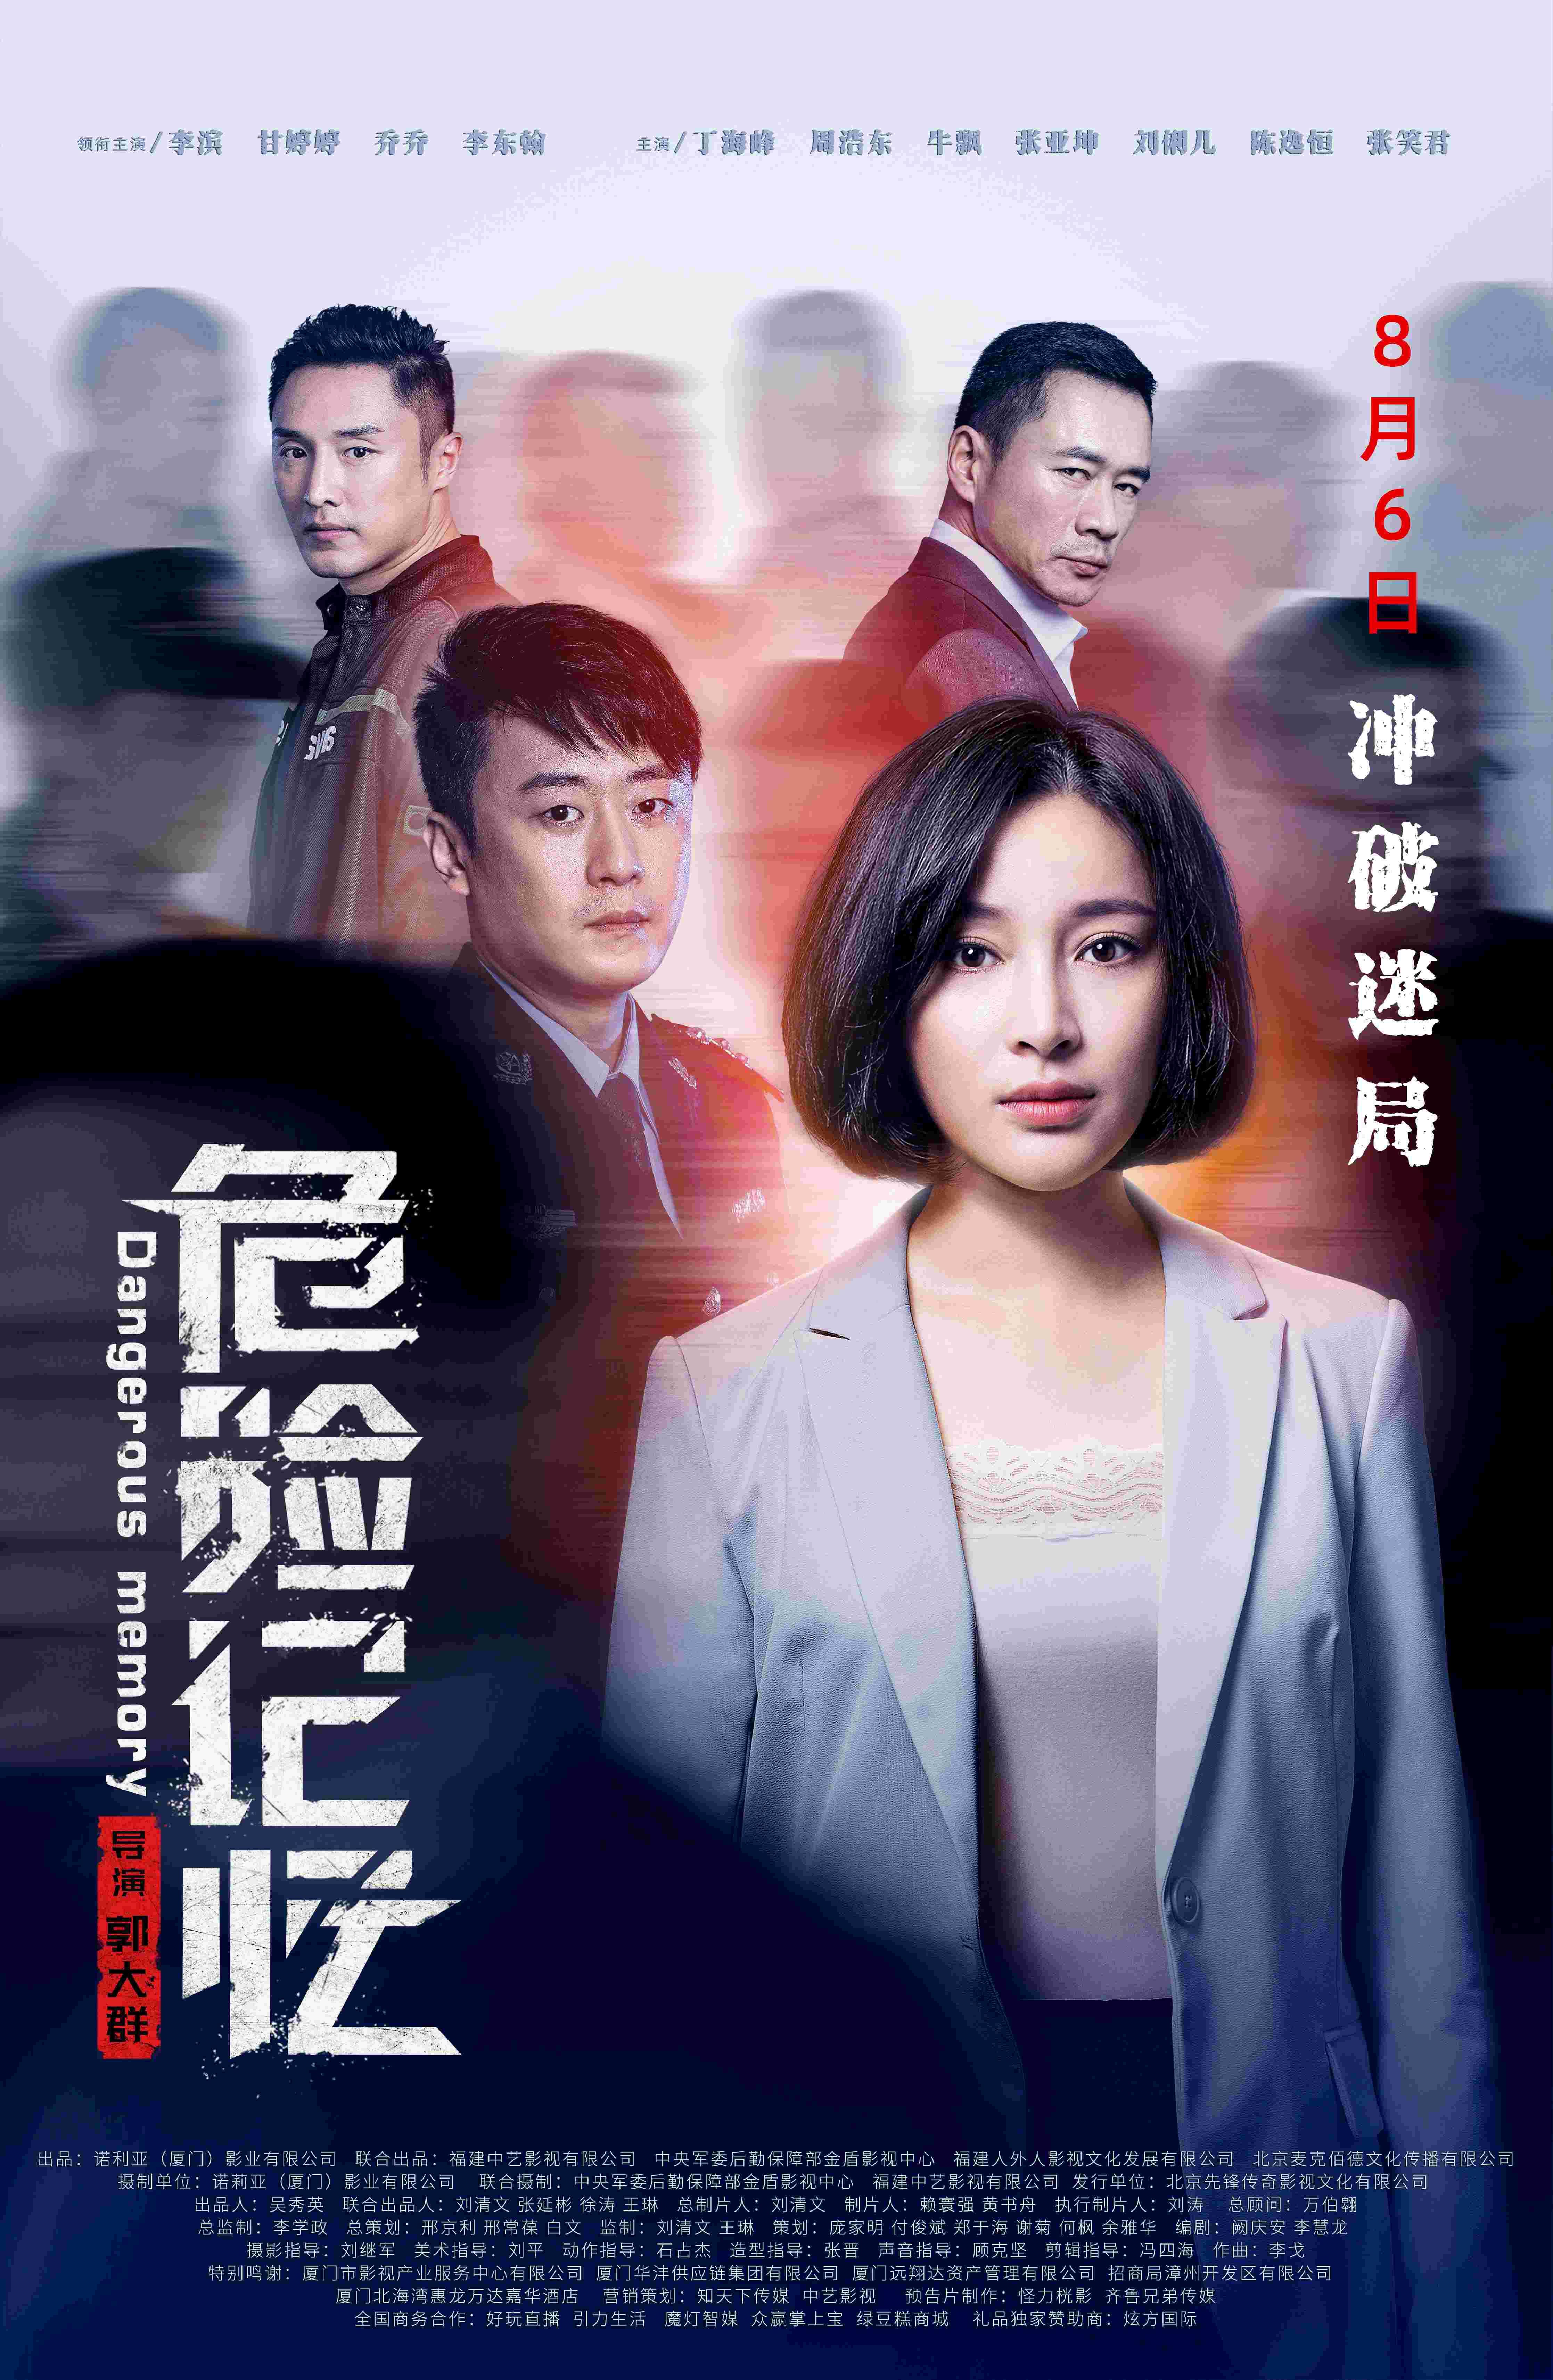 片子《危险记忆》全国首映礼在京举行 最终预告曝光